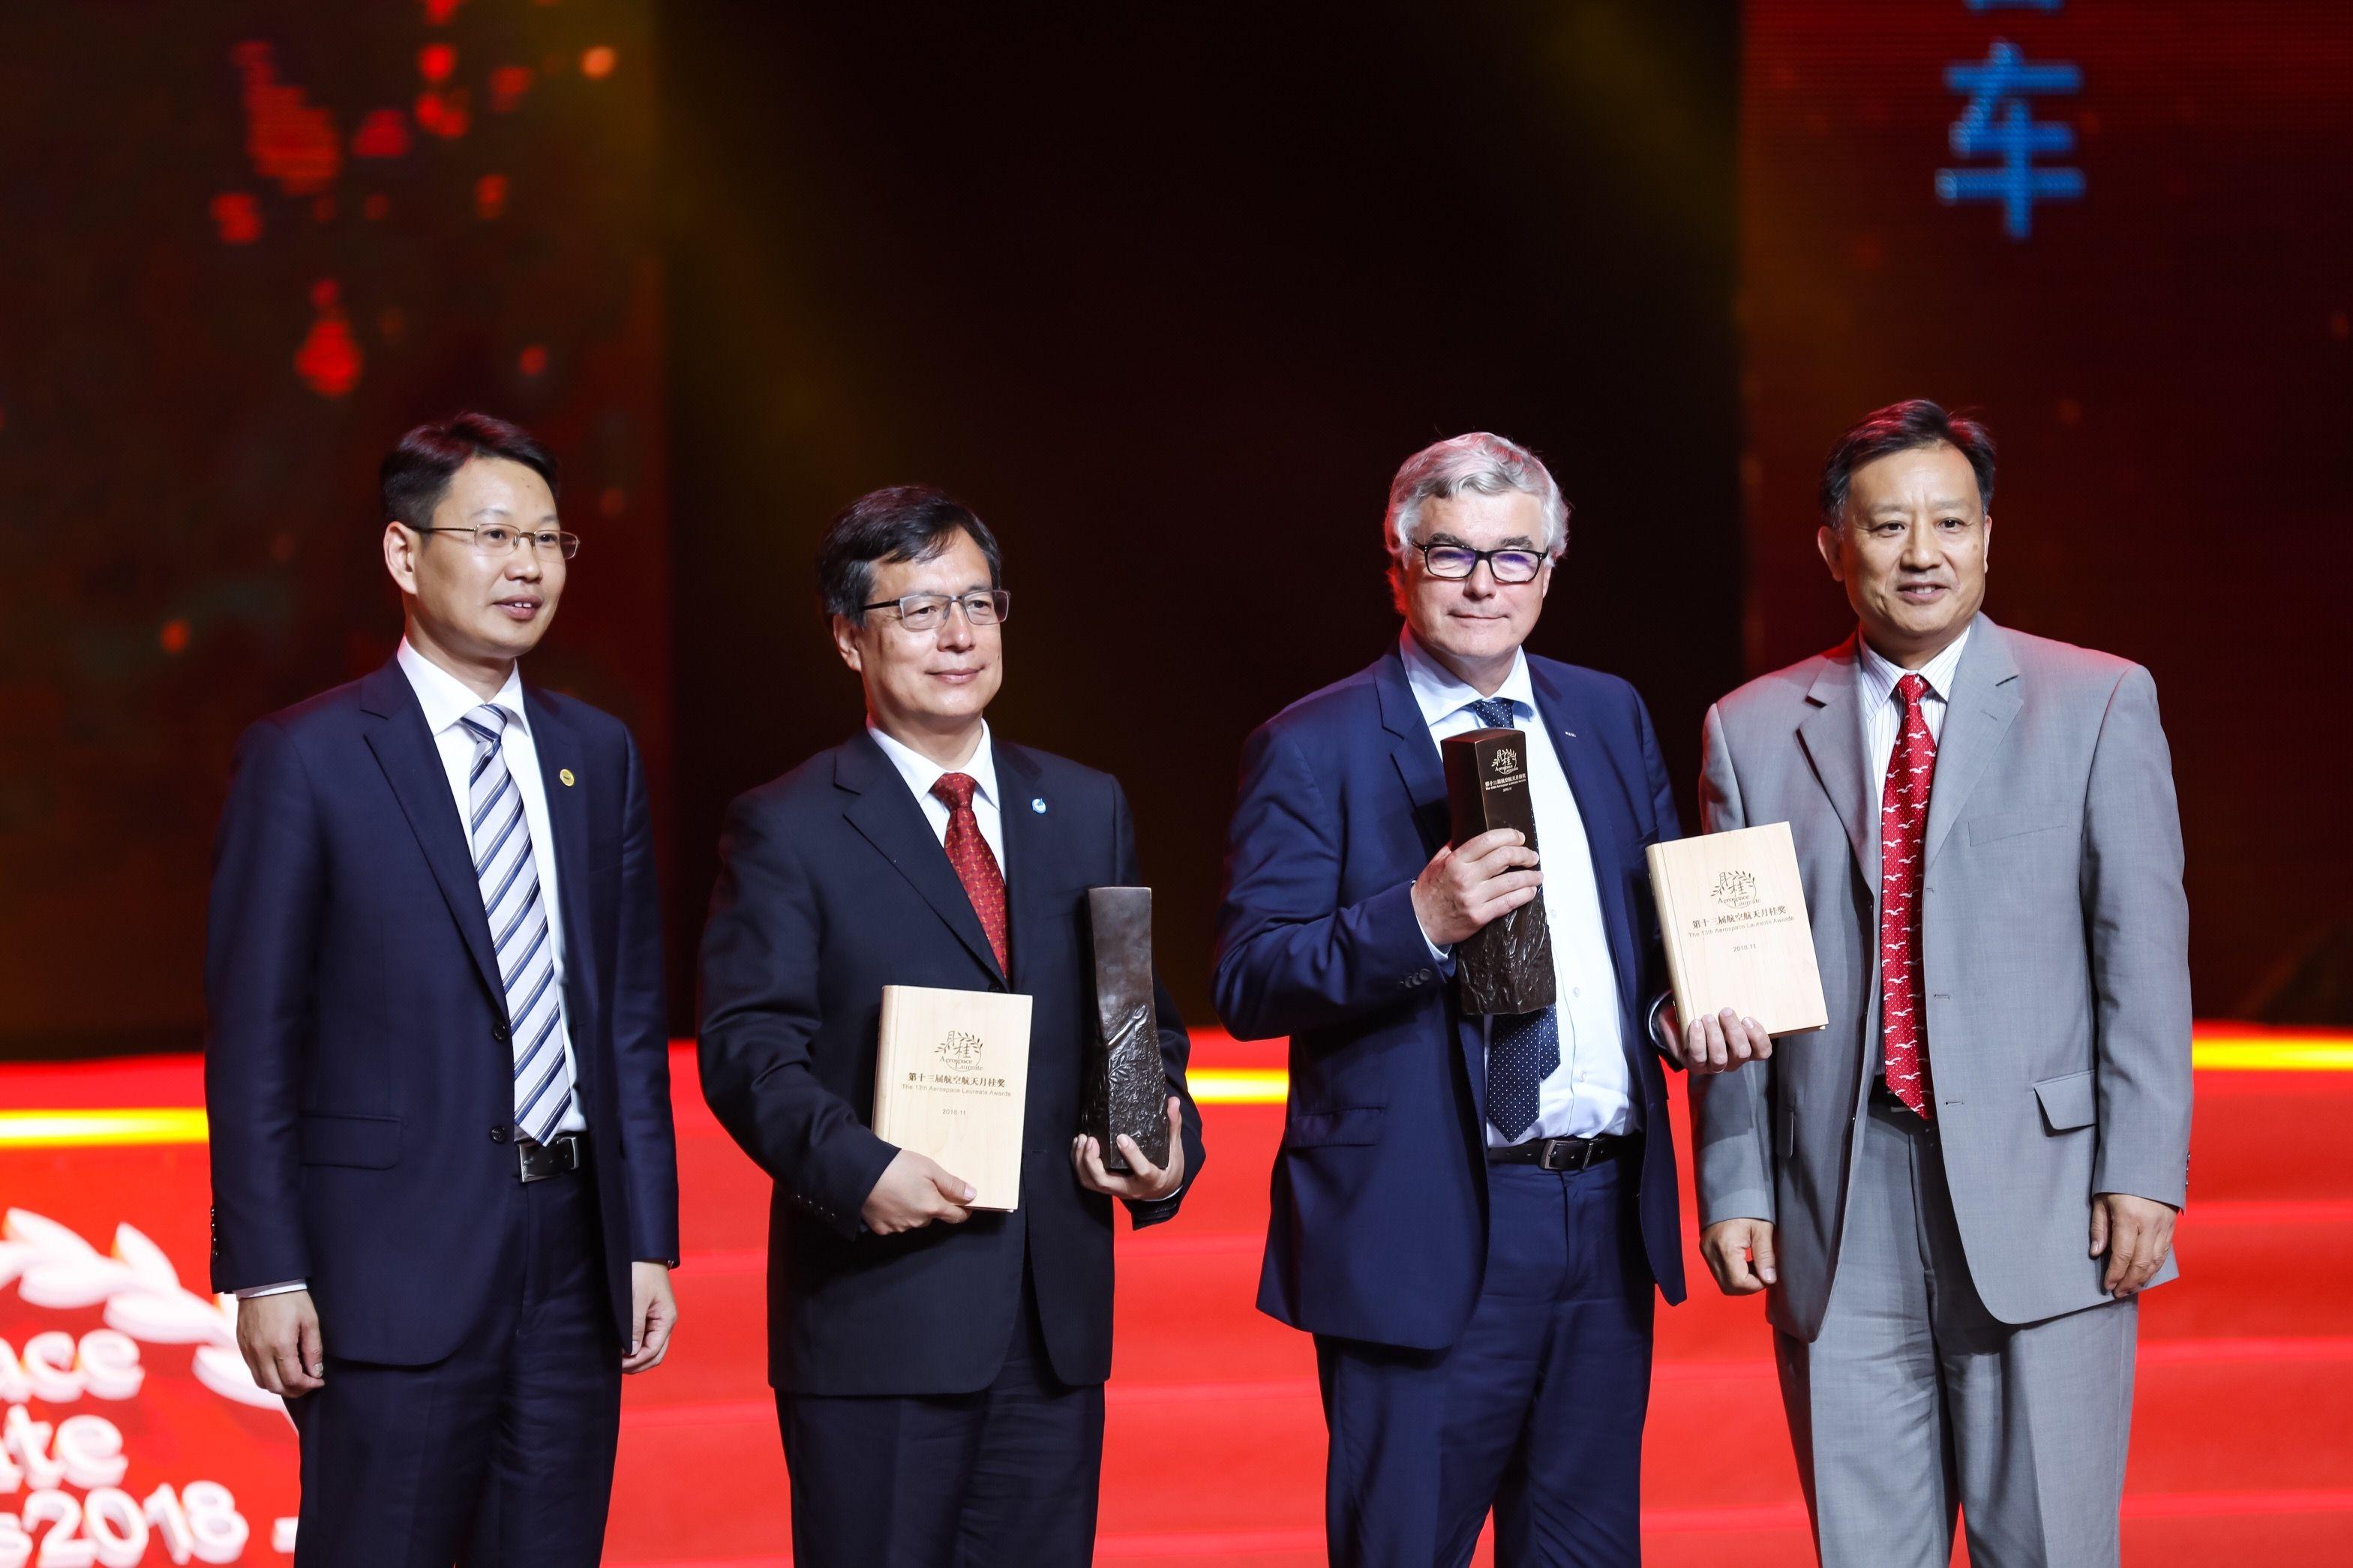 空客与航空工业集团共获航空航天月桂奖